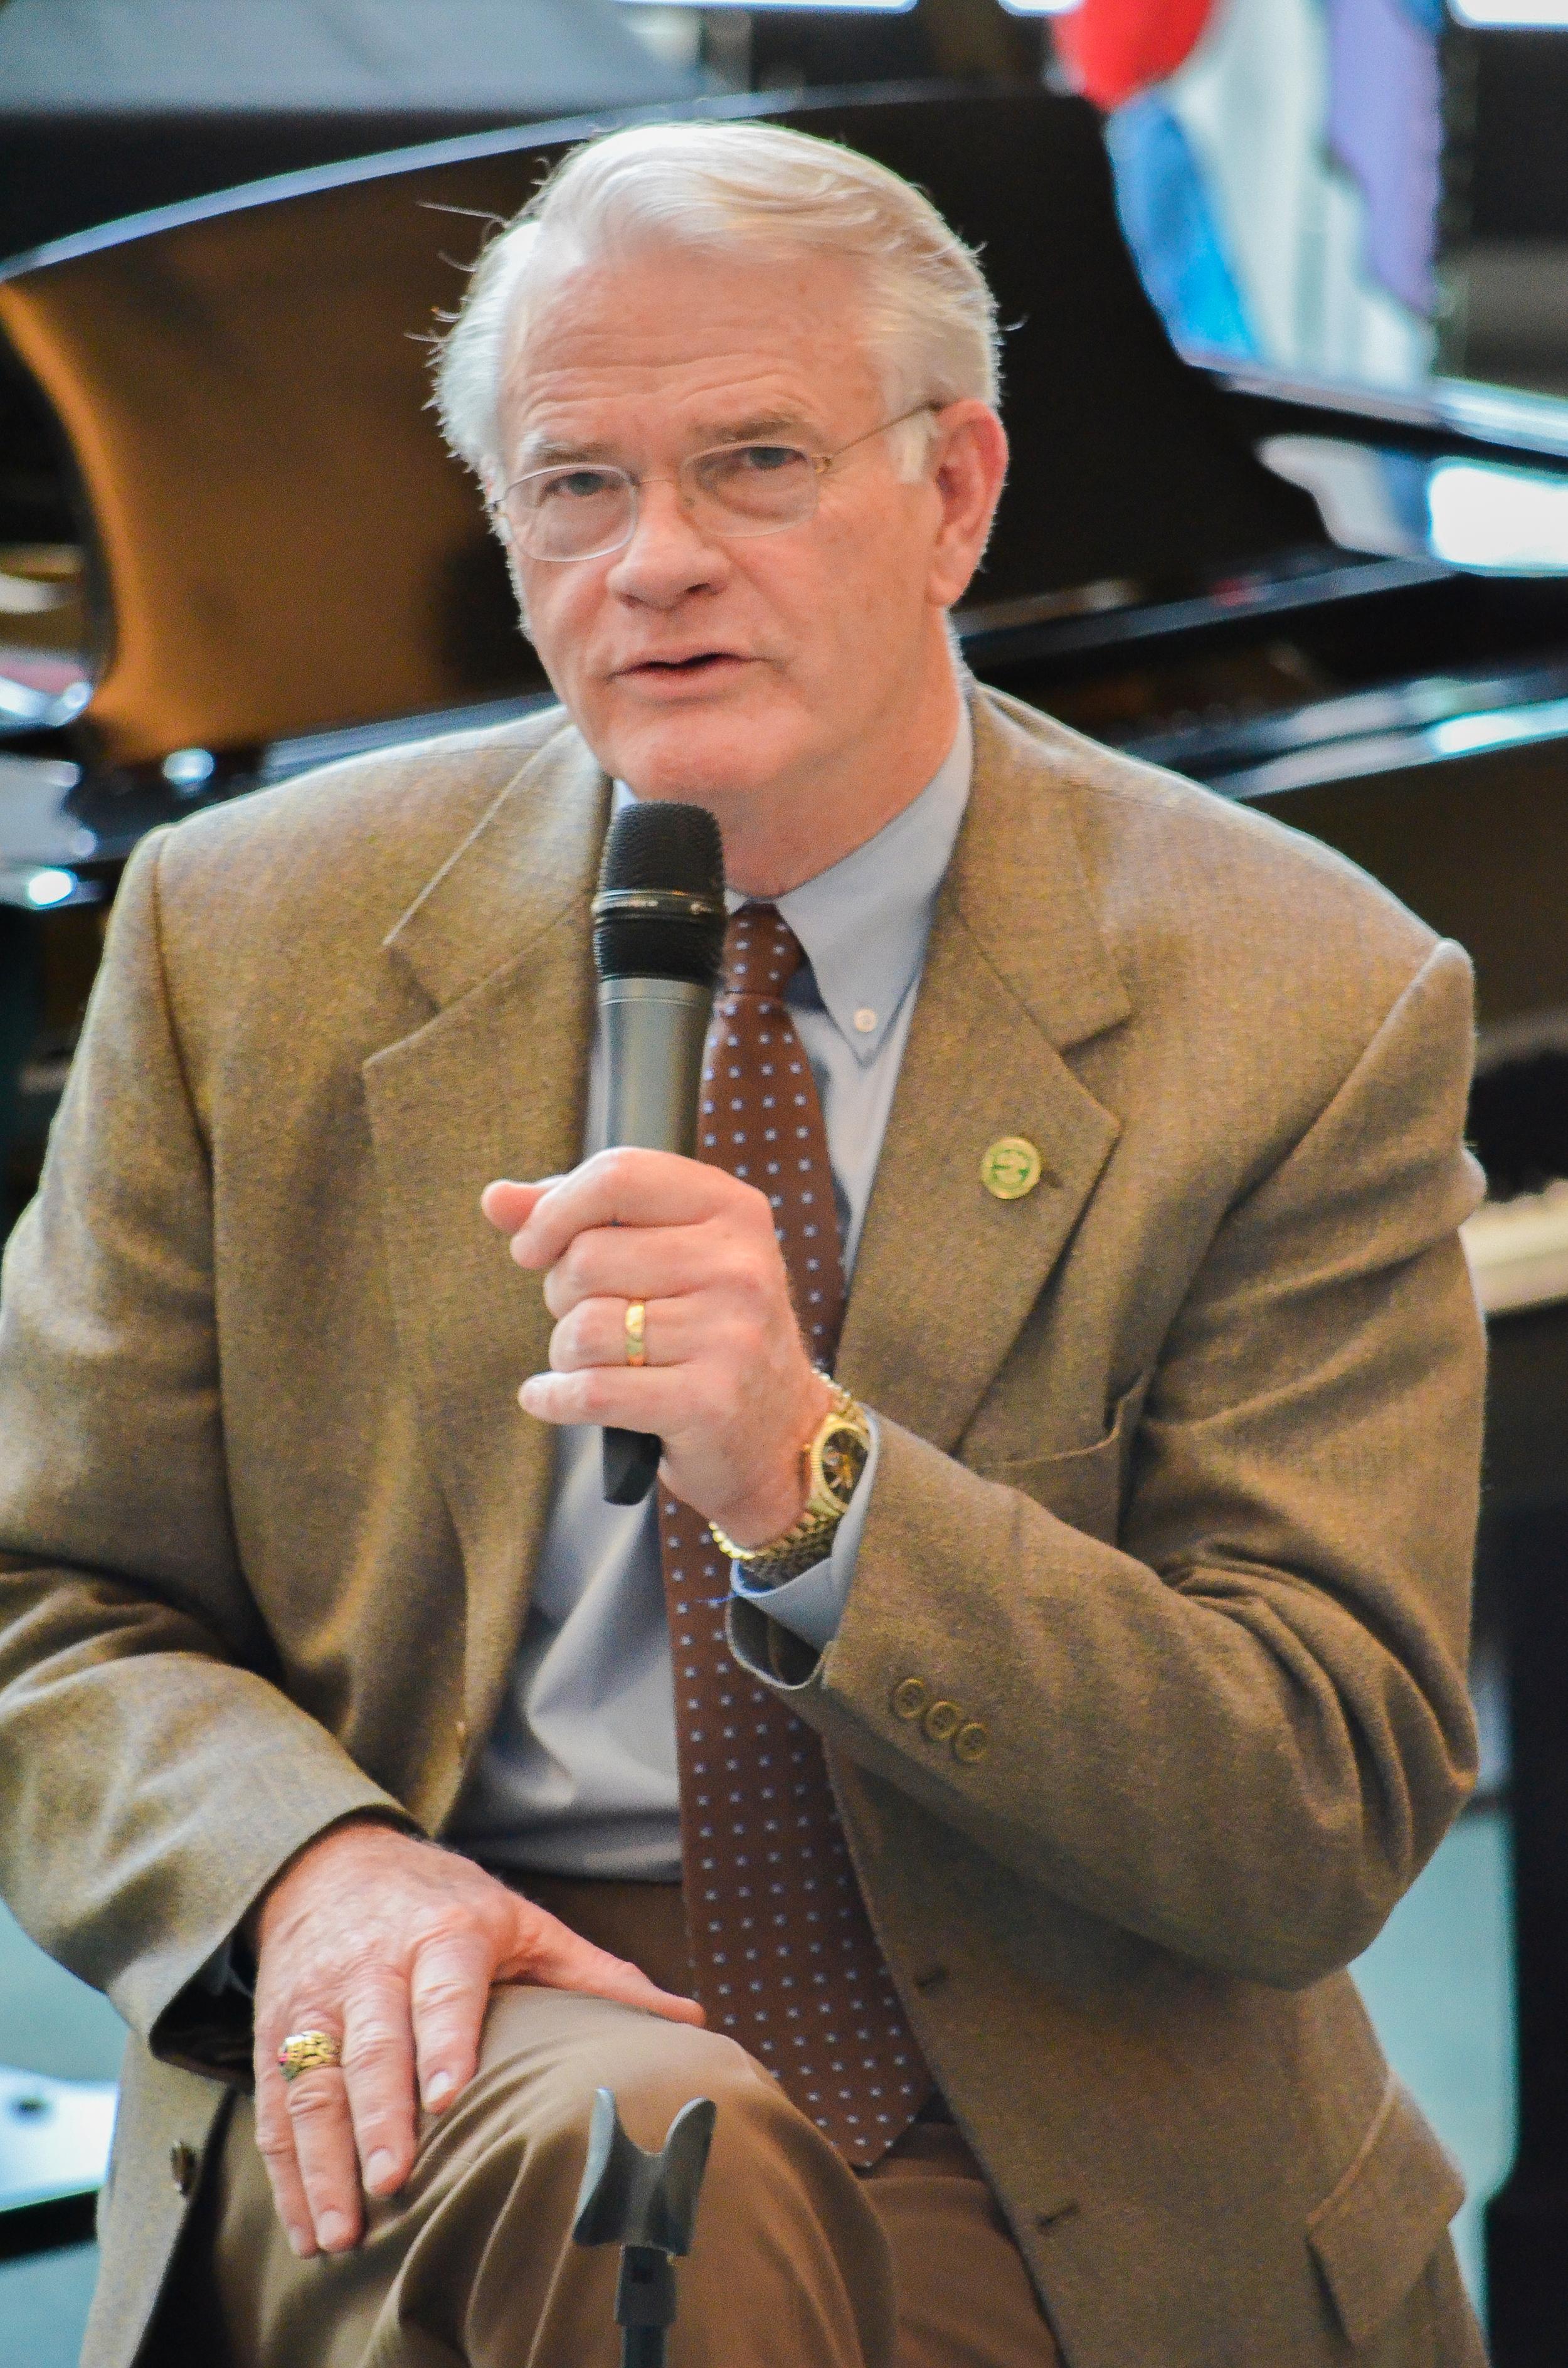 Mayor Mark Luttrell